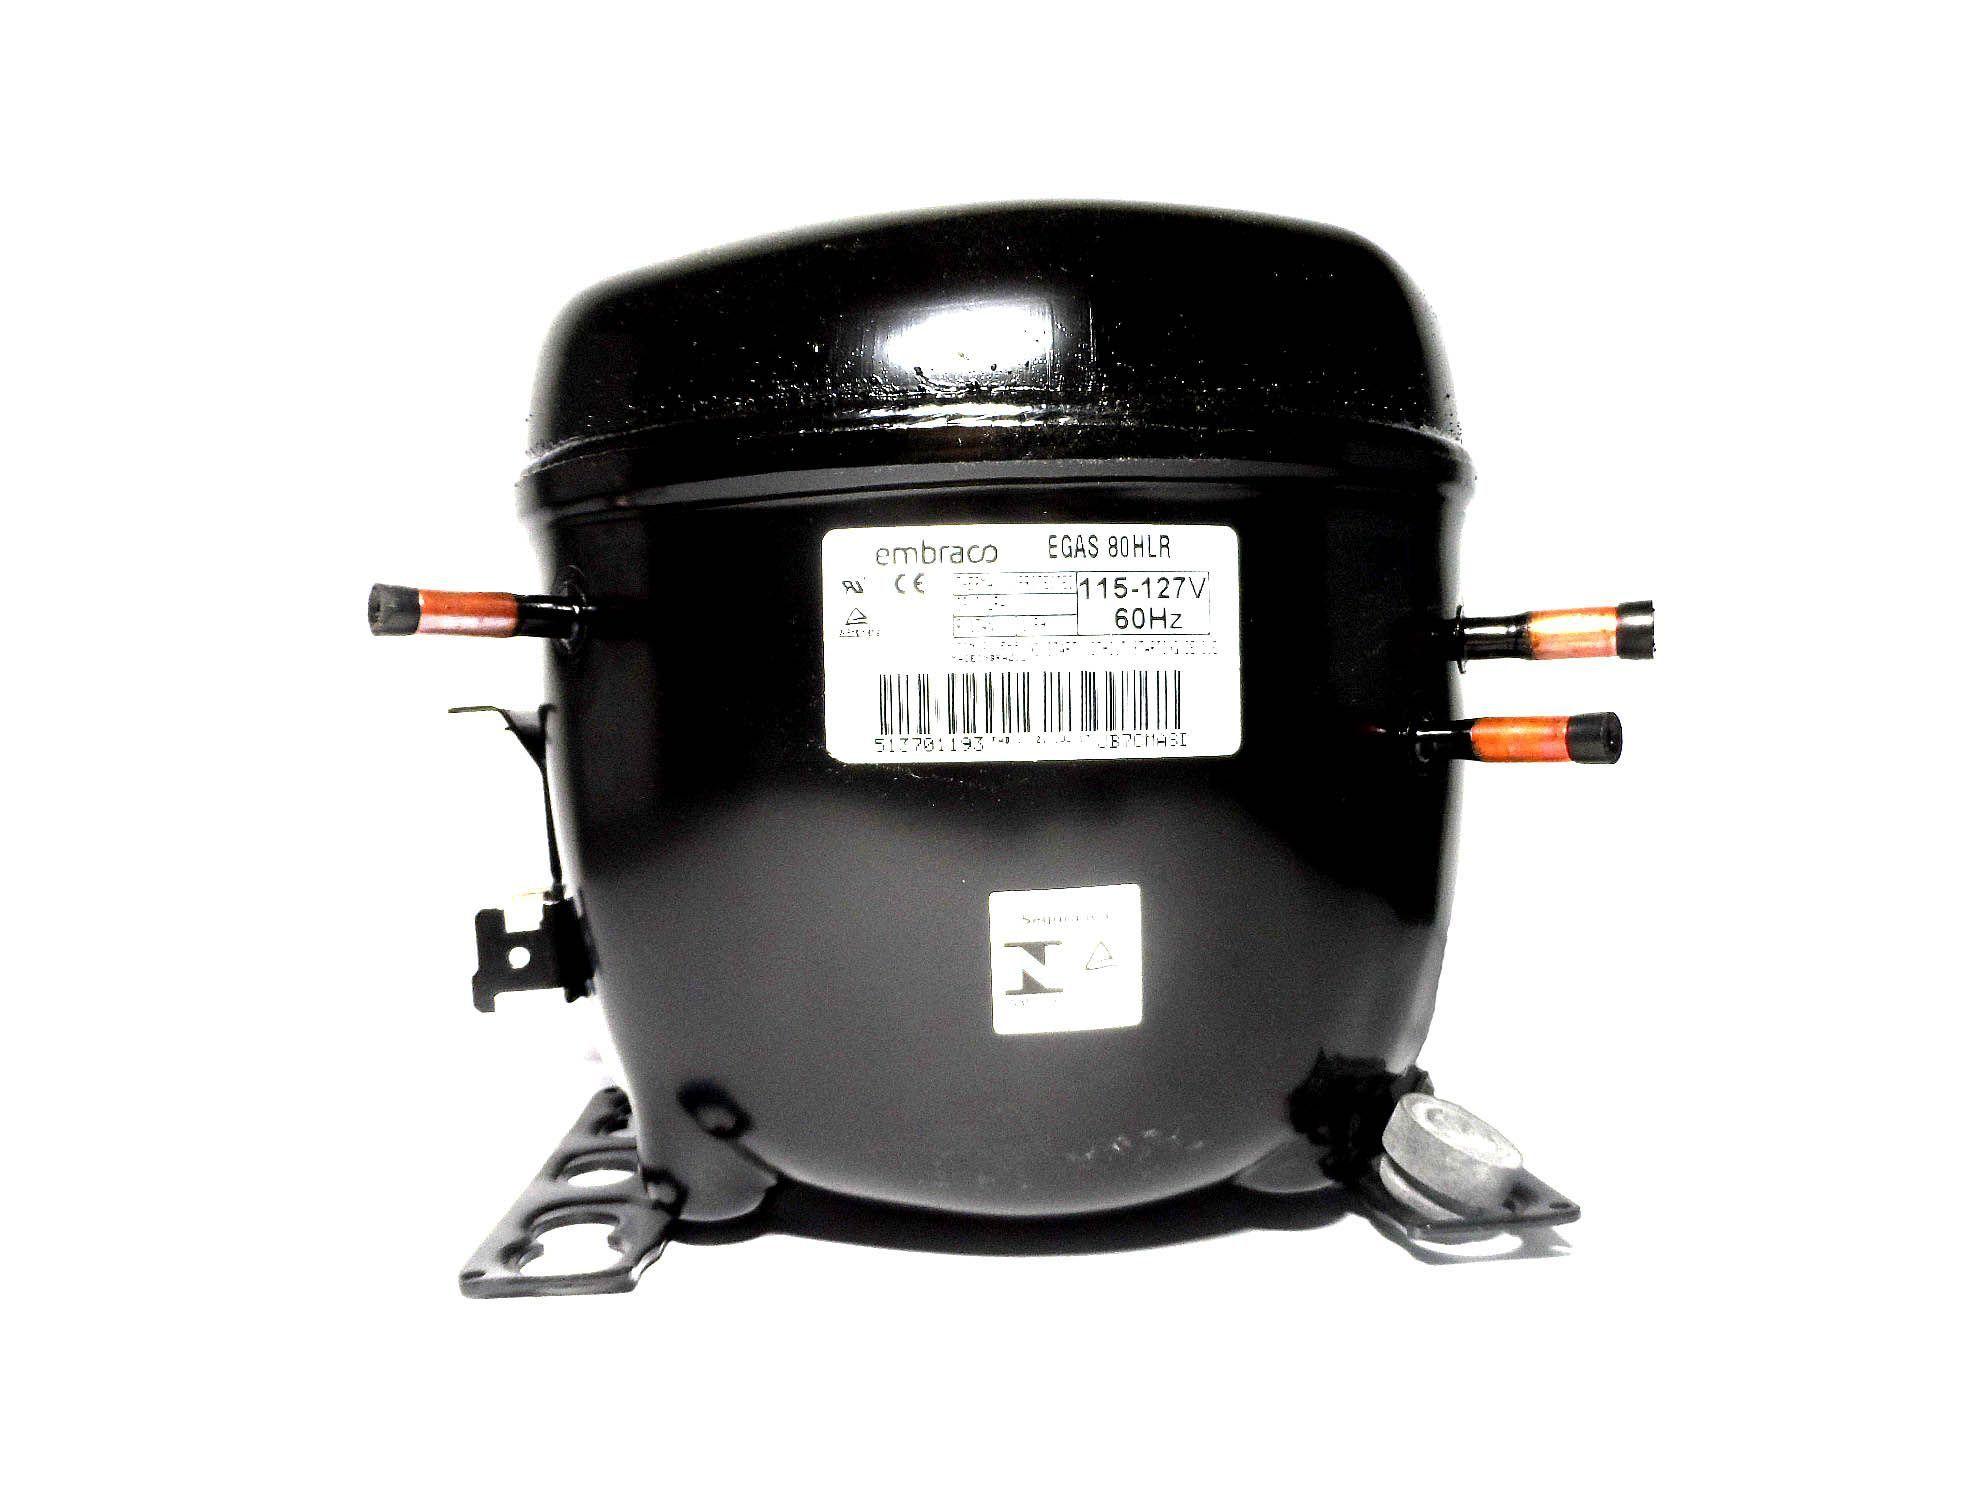 Motor Compressor Embraco 1/4 127V R134A Geladeira EGAS80HLR